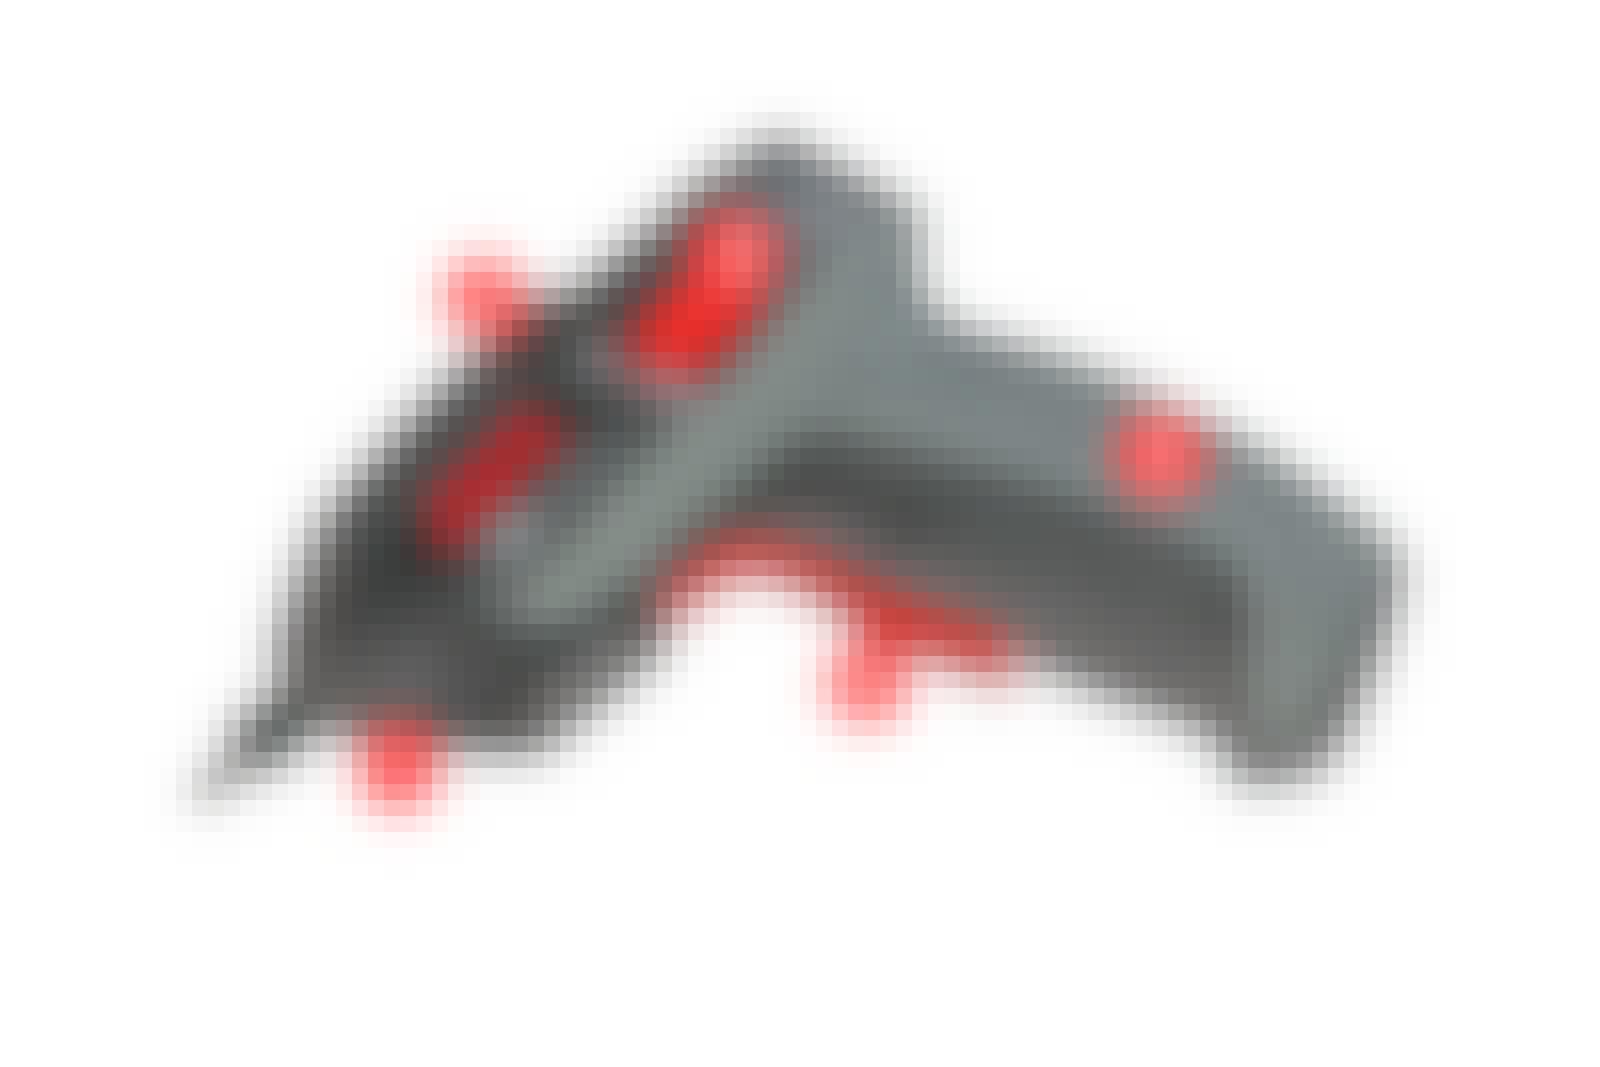 Miniskruvdragare: Guide till miniskruvdragare: